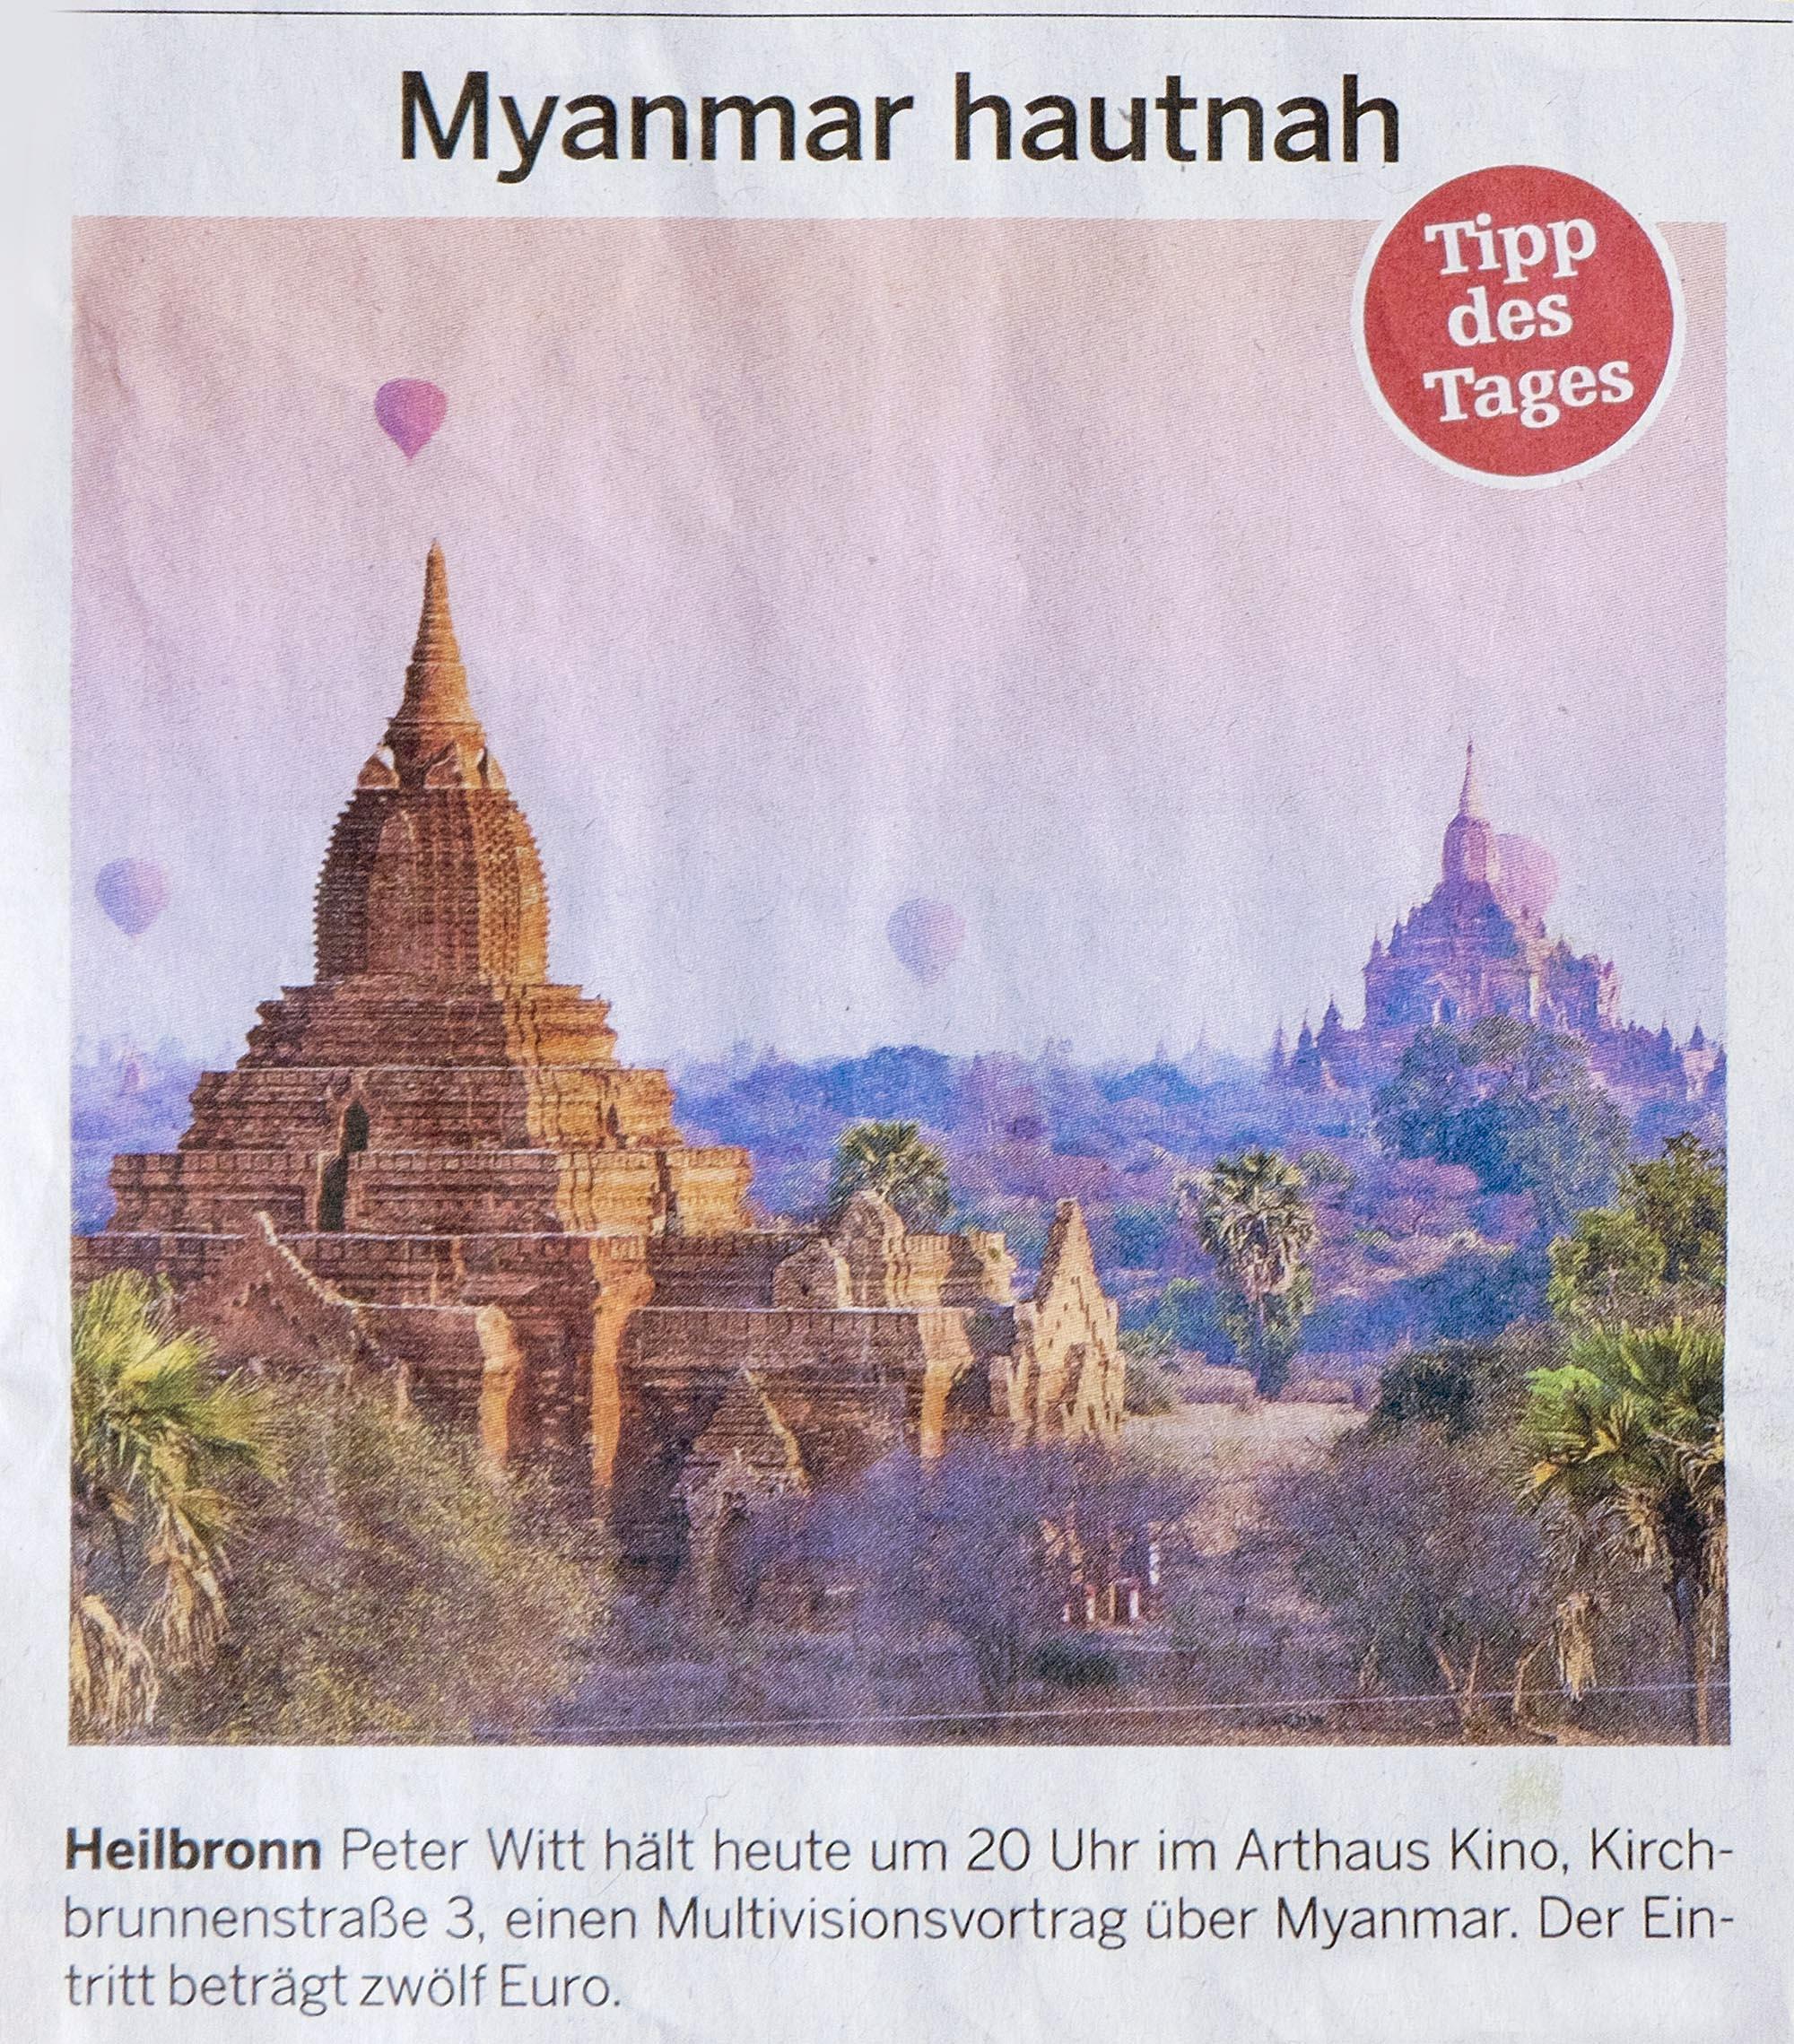 heilbronner stimme zu myanmar hautnah